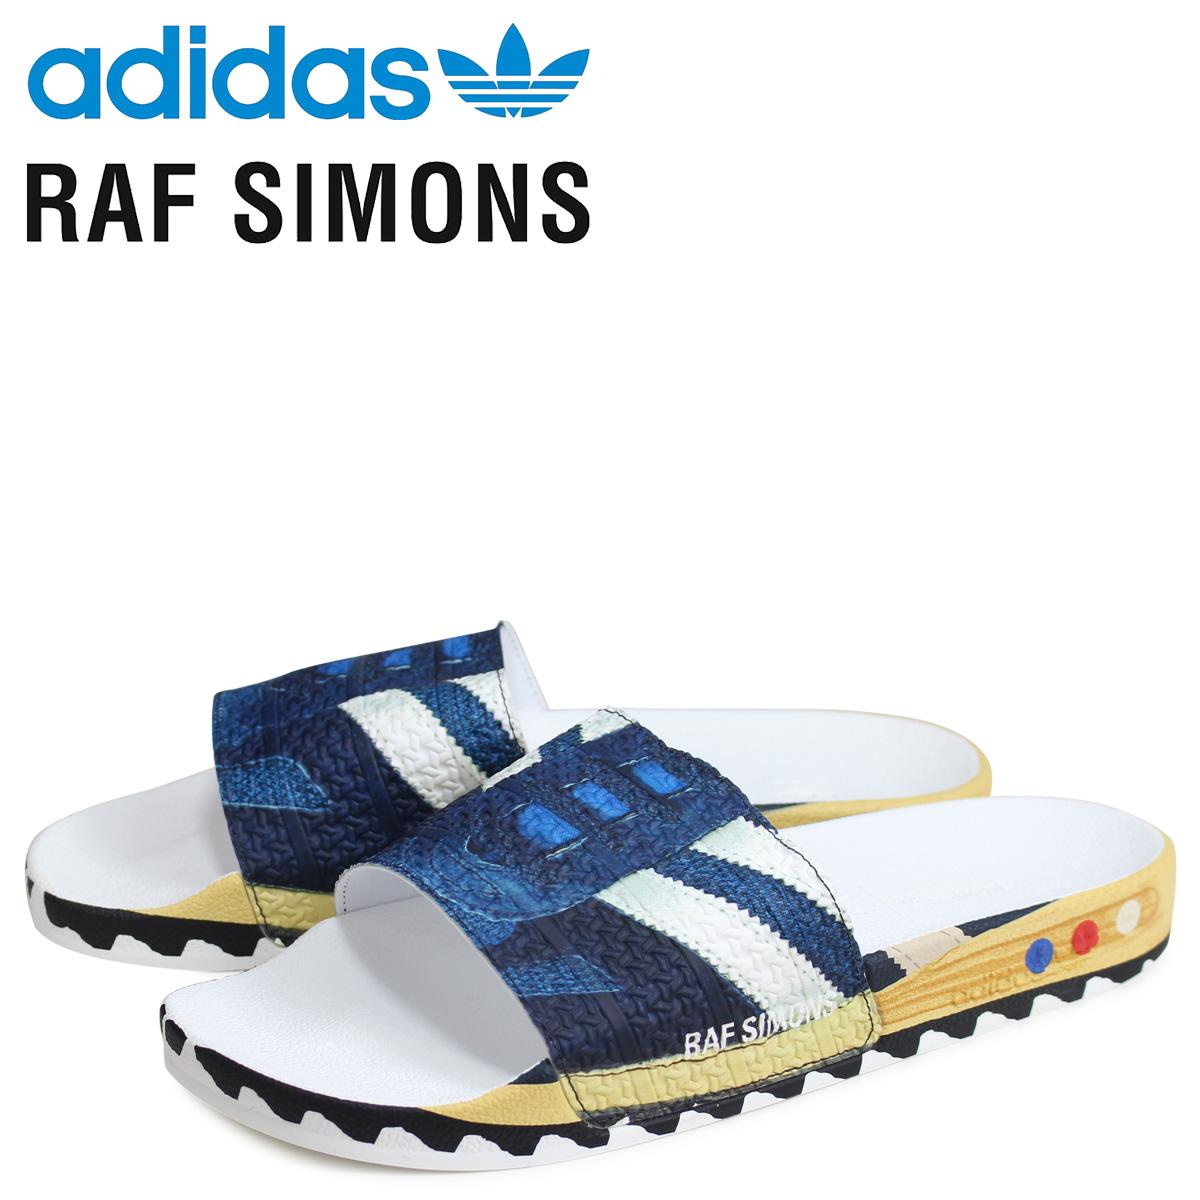 アディダス オリジナルス adidas Originals ラフシモンズ RAF SIMONS LA アディレッタ サンダル シャワーサンダル メンズ RS LA ADILETTE コラボ ネイビー EE7956